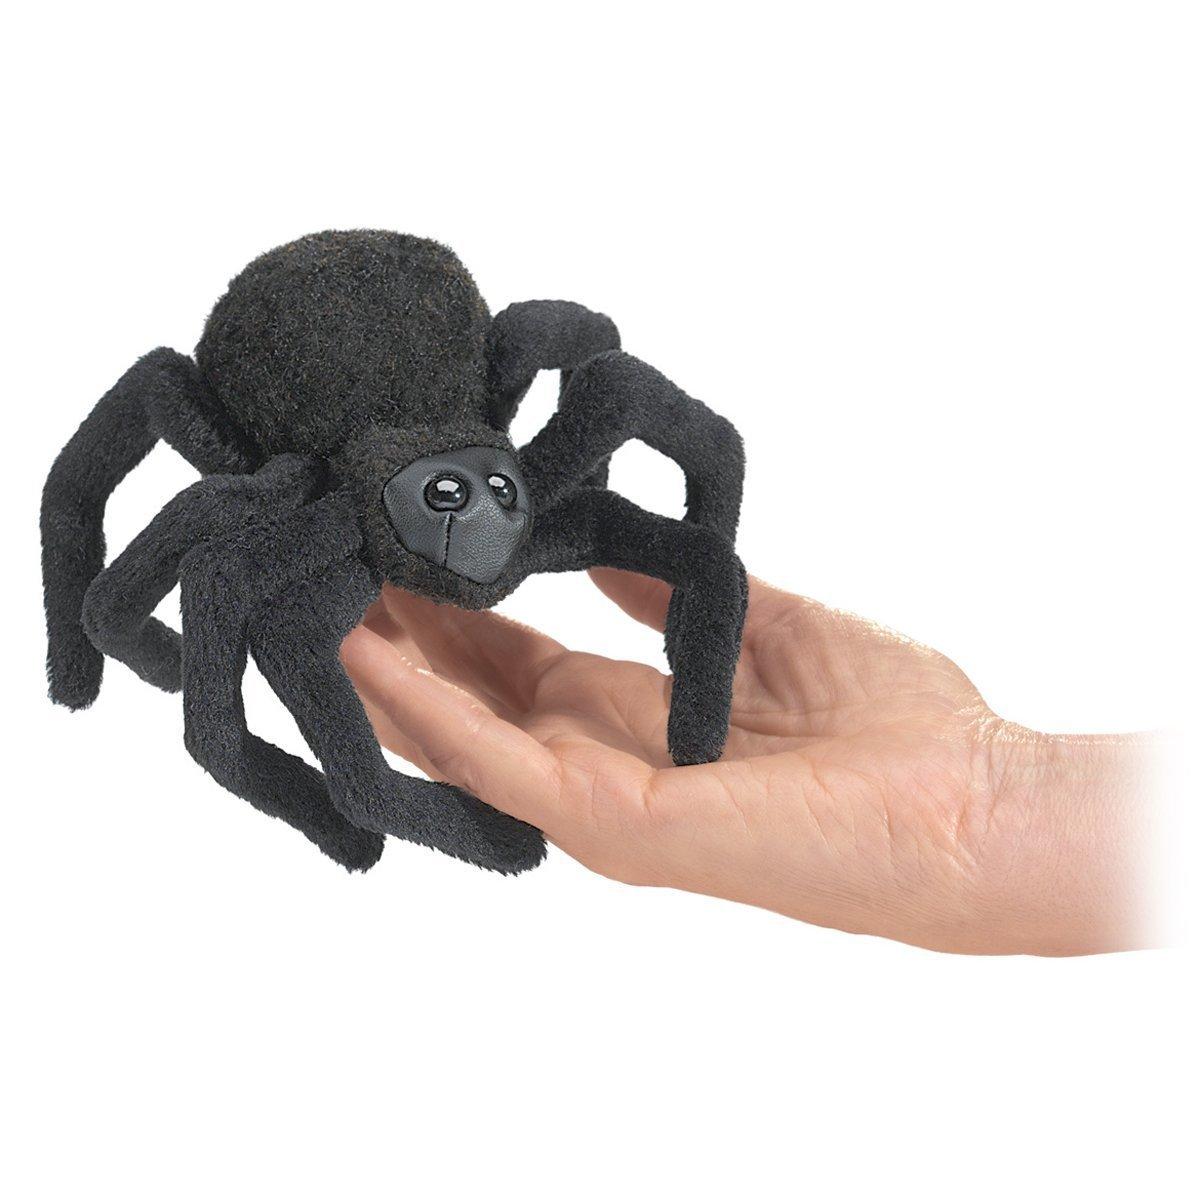 FMI 2754 MINI SPIDER